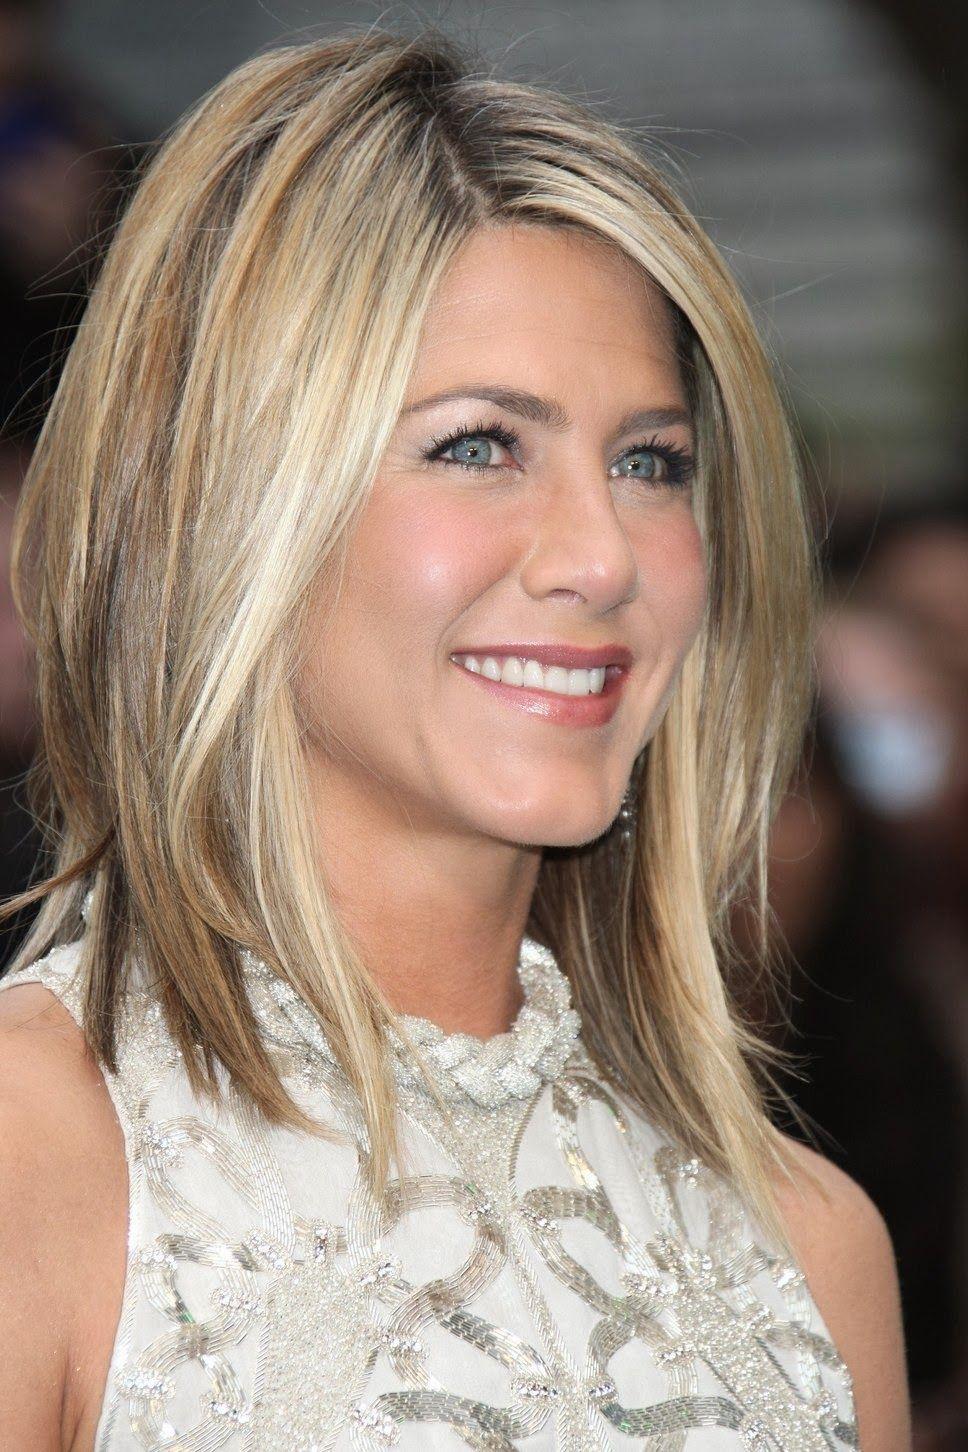 Astonishing Medium Hairstyles For Women And Jennifer Aniston On Pinterest Short Hairstyles For Black Women Fulllsitofus